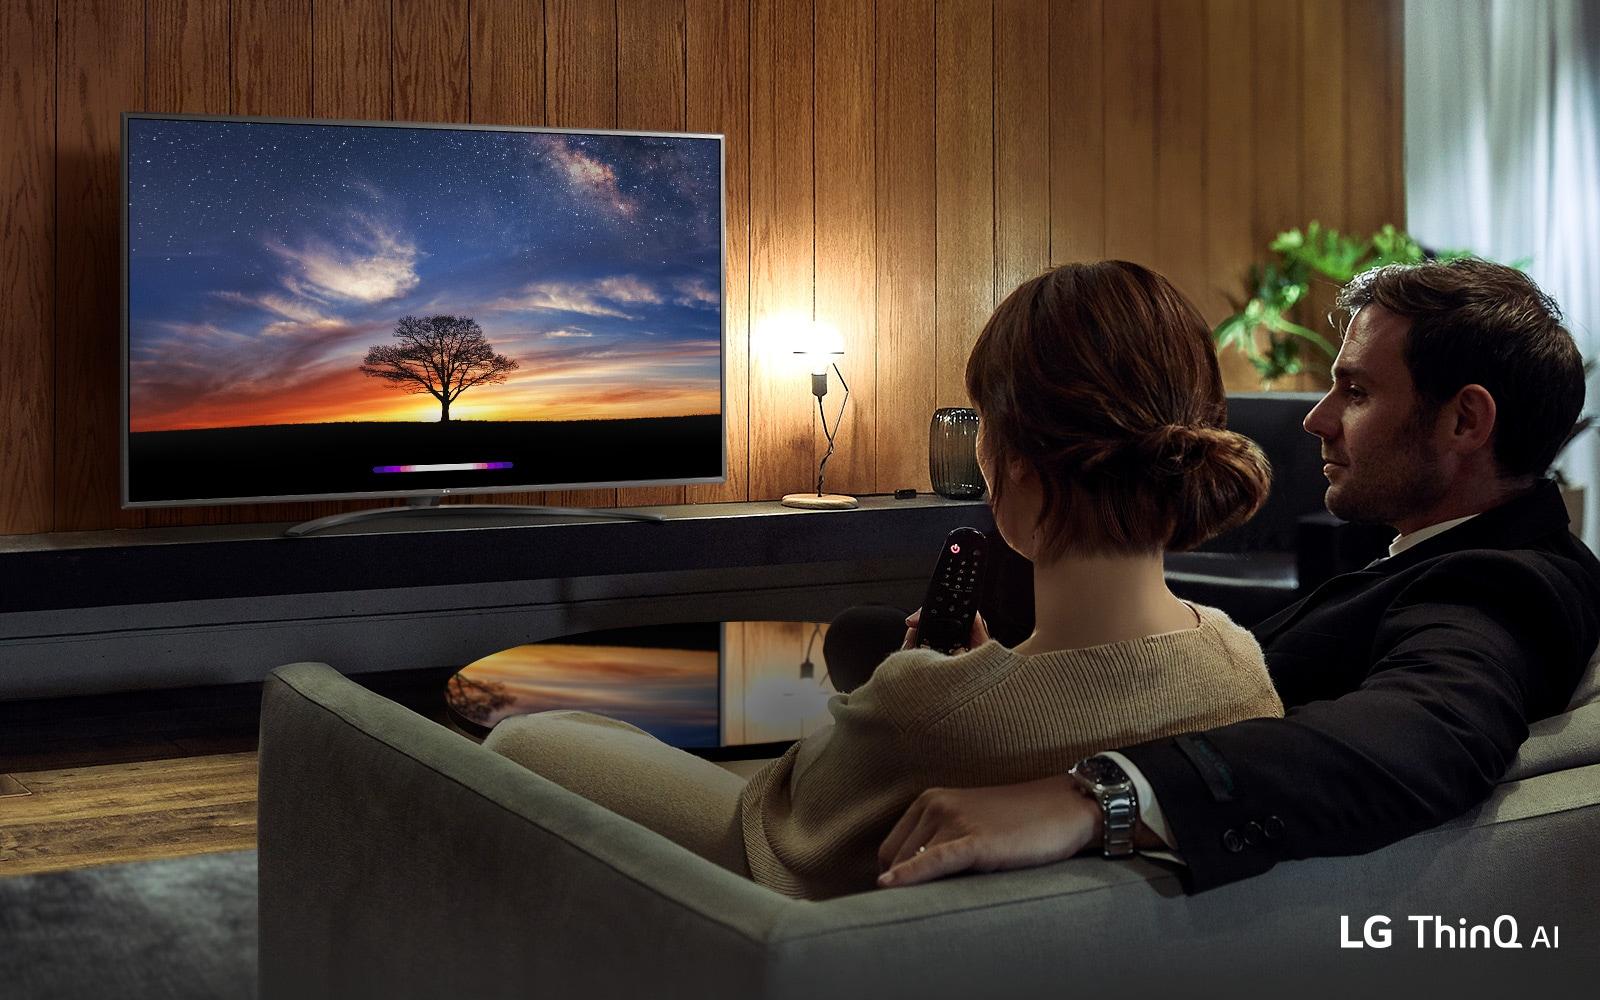 Poznaj świat telewizji LG ze sztuczną inteligencją1